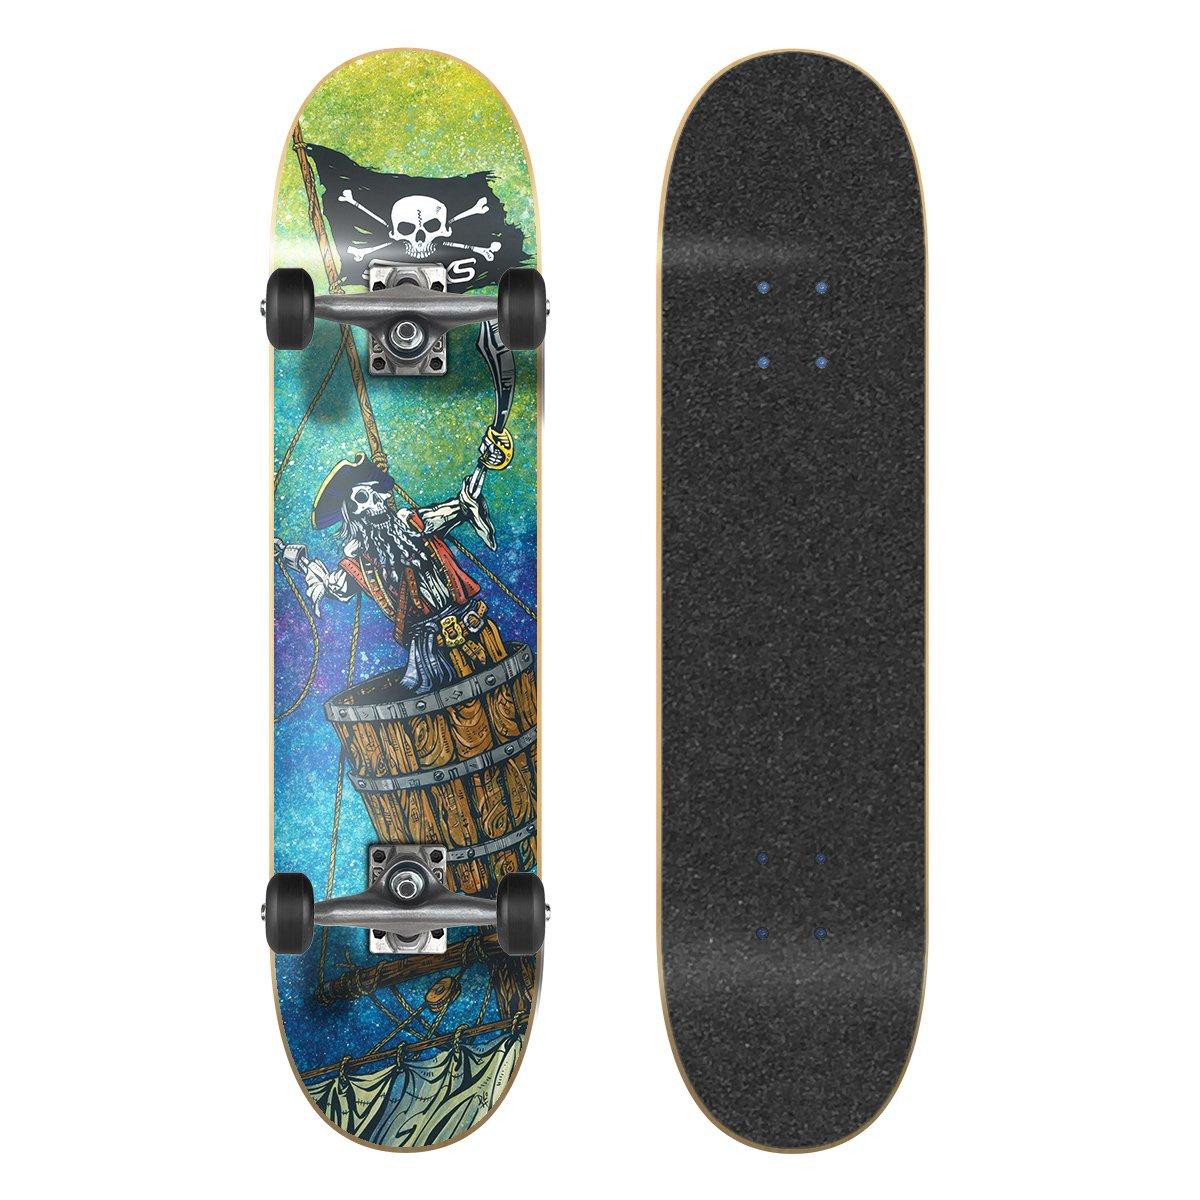 SkateXS Beginner Pirate Street Skateboard